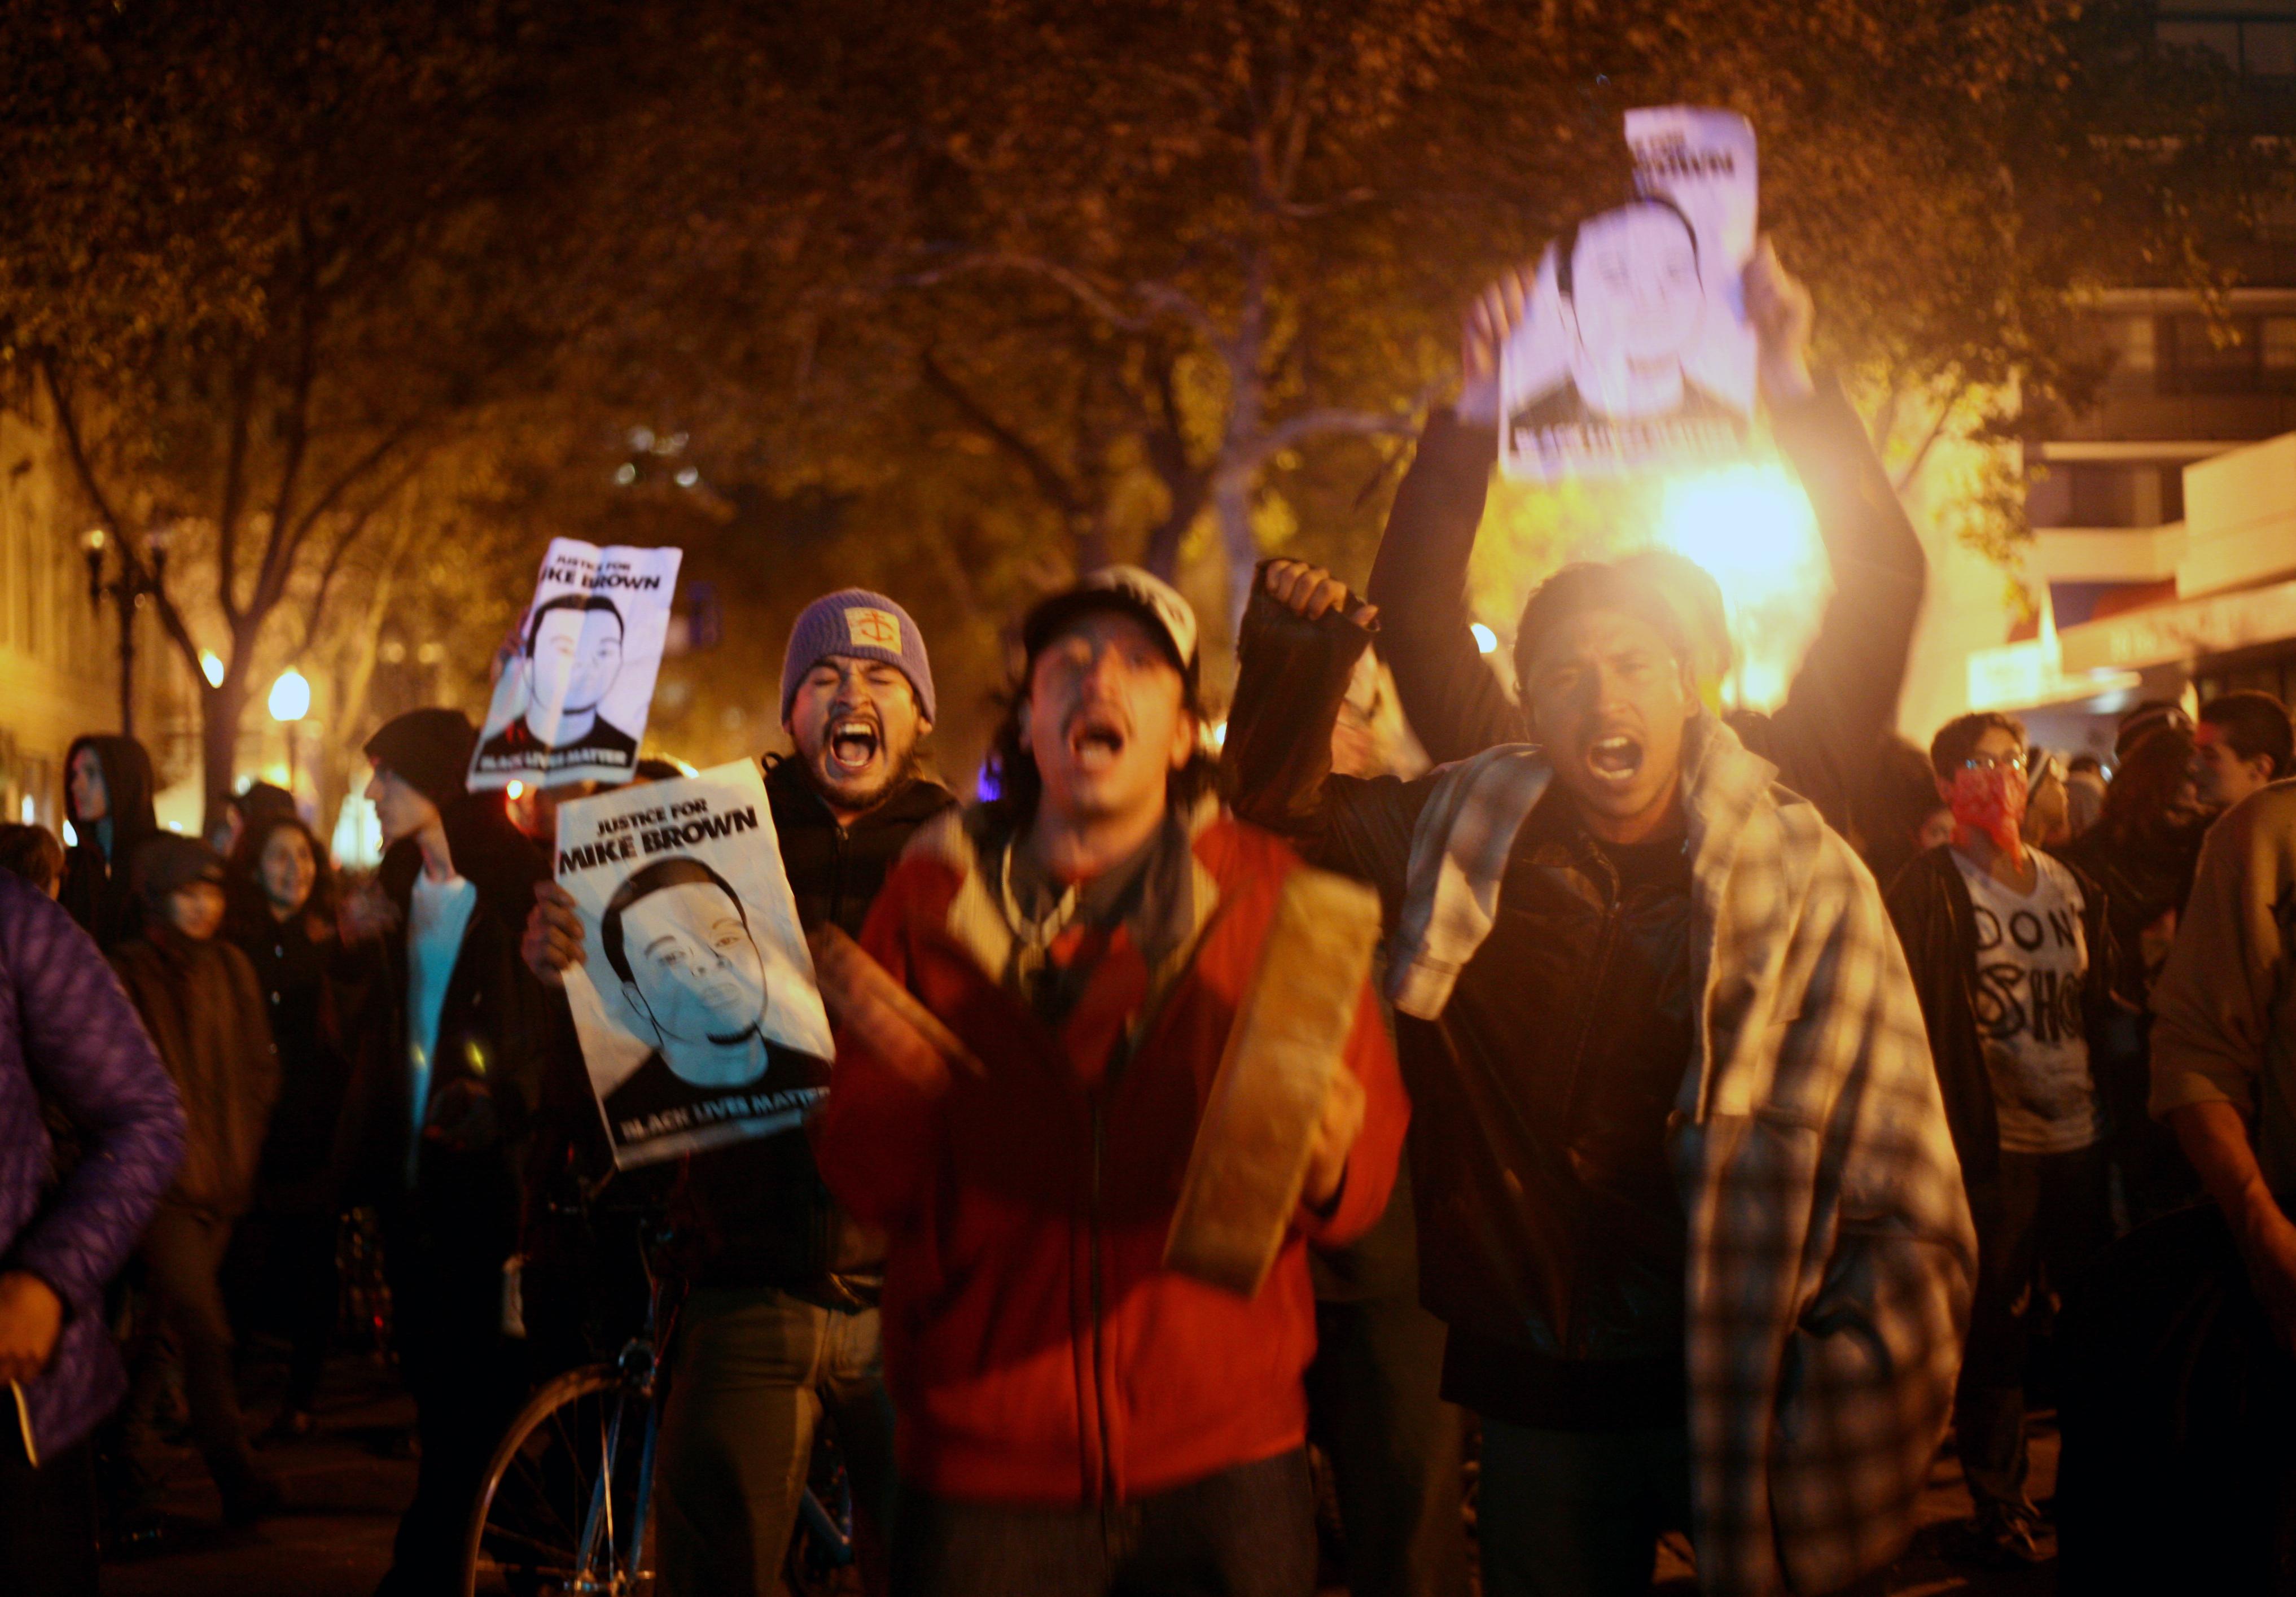 Oak-protesters